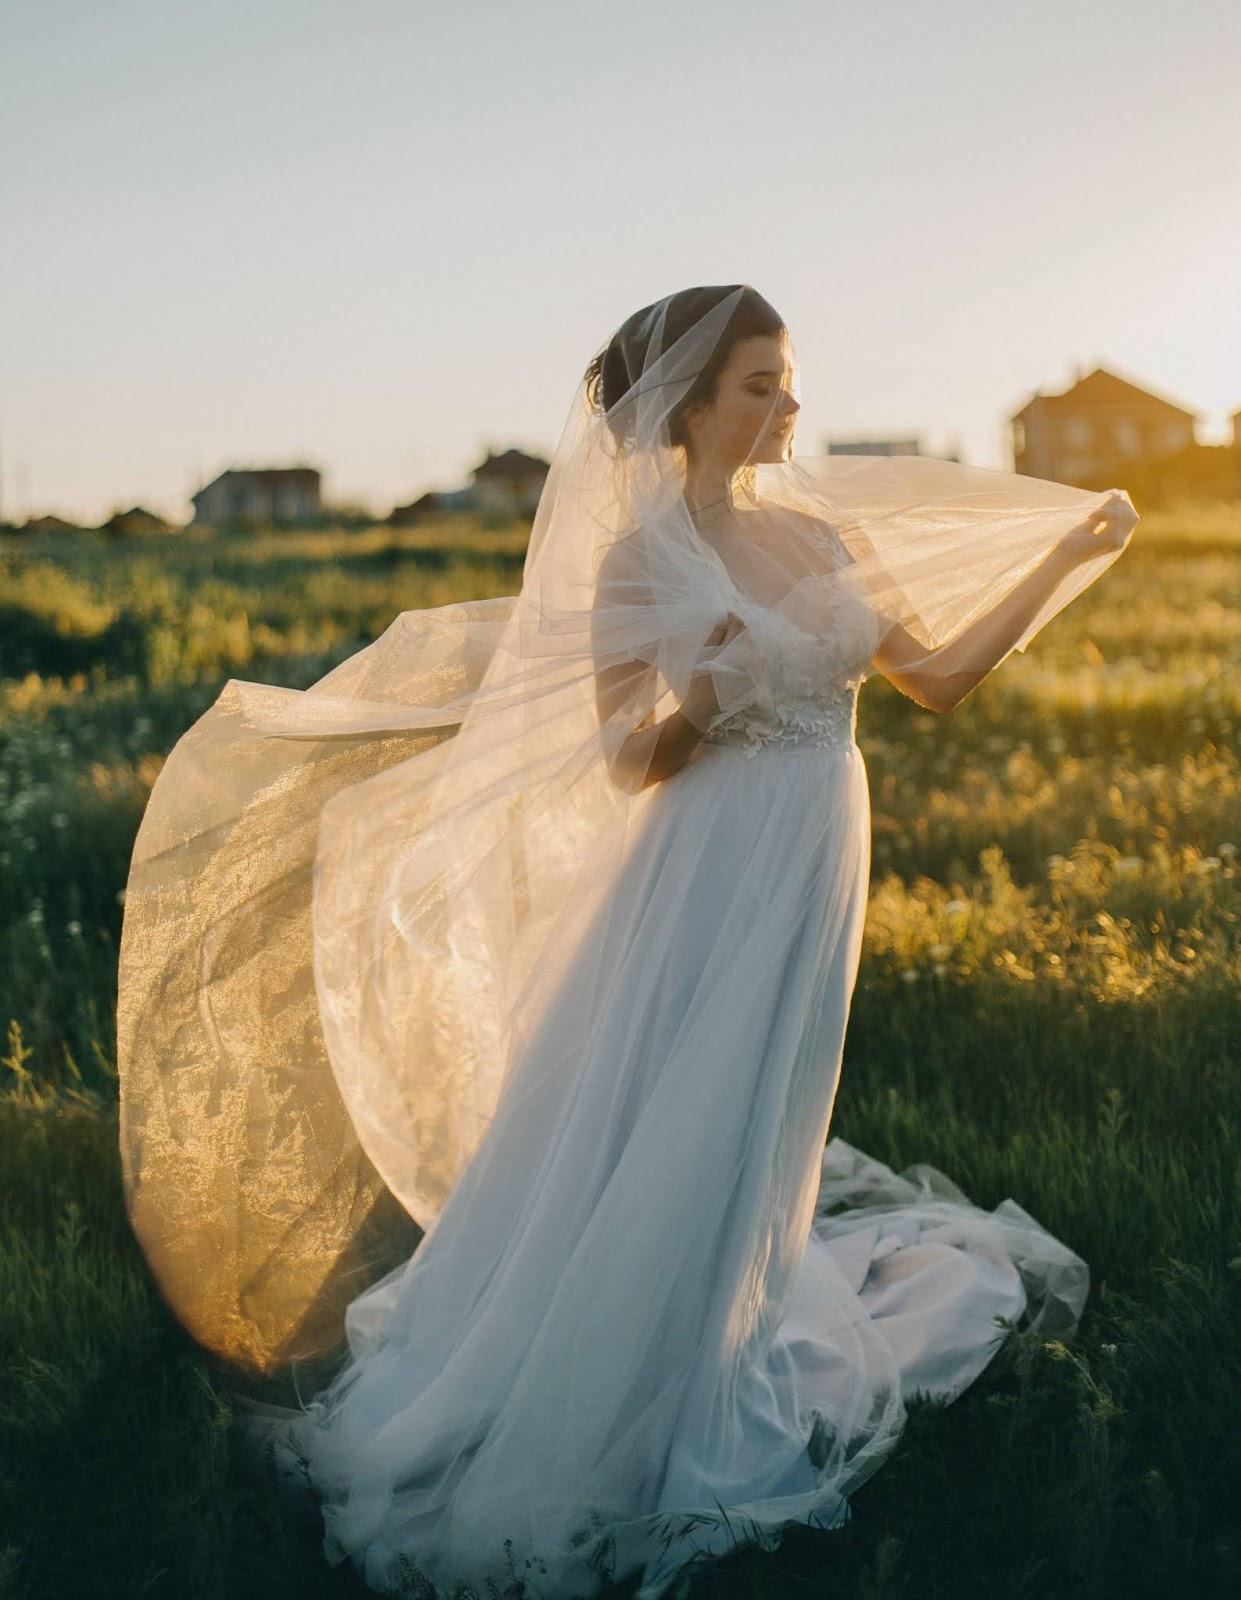 богатый цвет обработки свадебных фото травянистое многолетнее растение